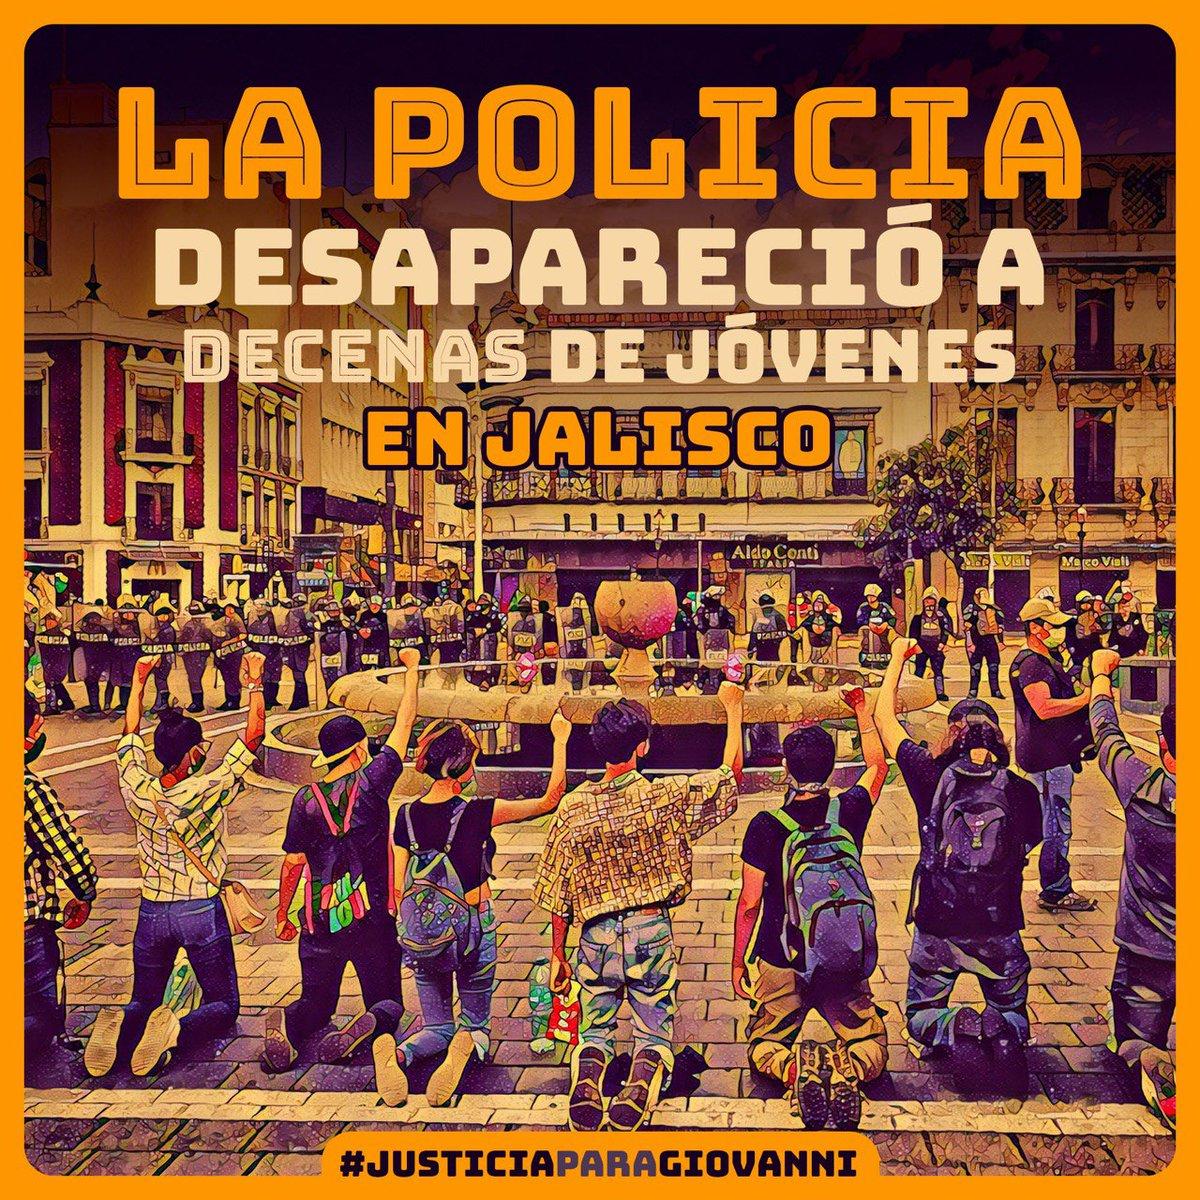 La policía desapareció a decenas de jóvenes en #Guadalajara Jalisco. #NoPuedoRespirar Reprimieron la protesta #JusticiaparaGiovanni  nos faltan más de 18  #AlfaroRepresor salieron vestidos de civiles  #ViolenciaPolicialGDL Reporta si les localizas #ACAB https://t.co/zW4JqgNxIM